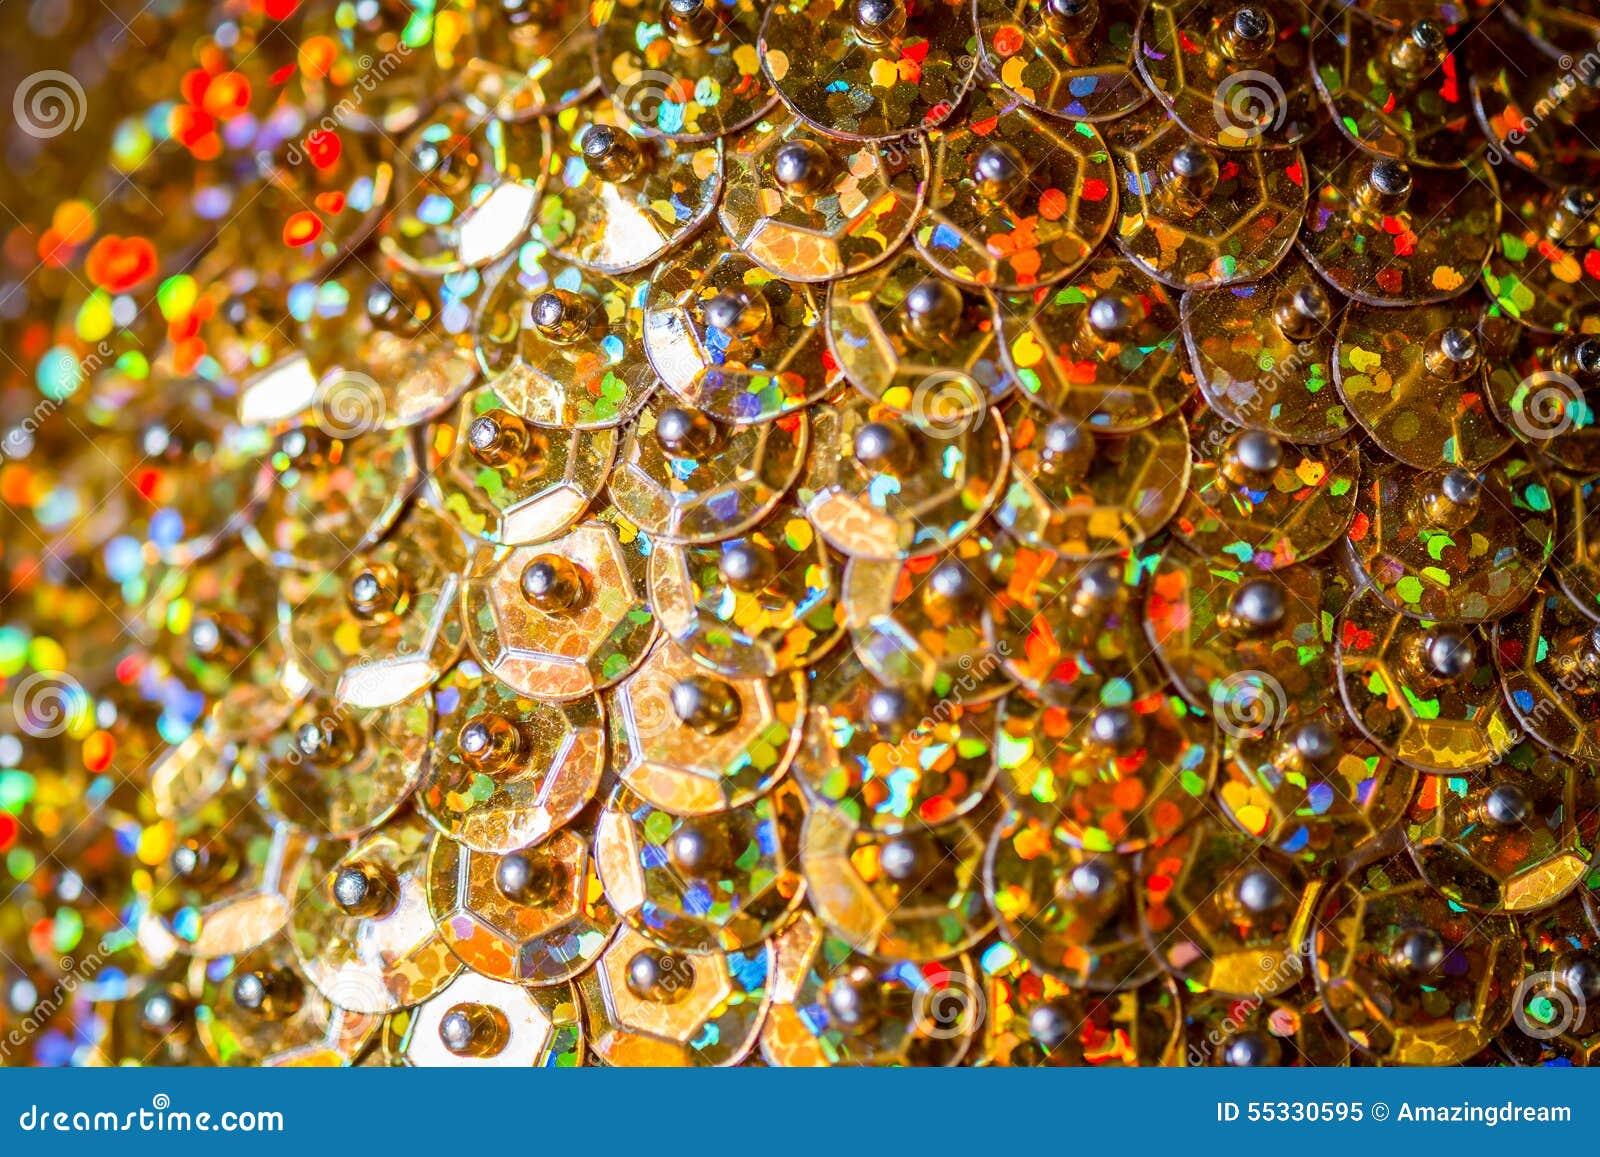 Предпосылка гениального shimmer золотая